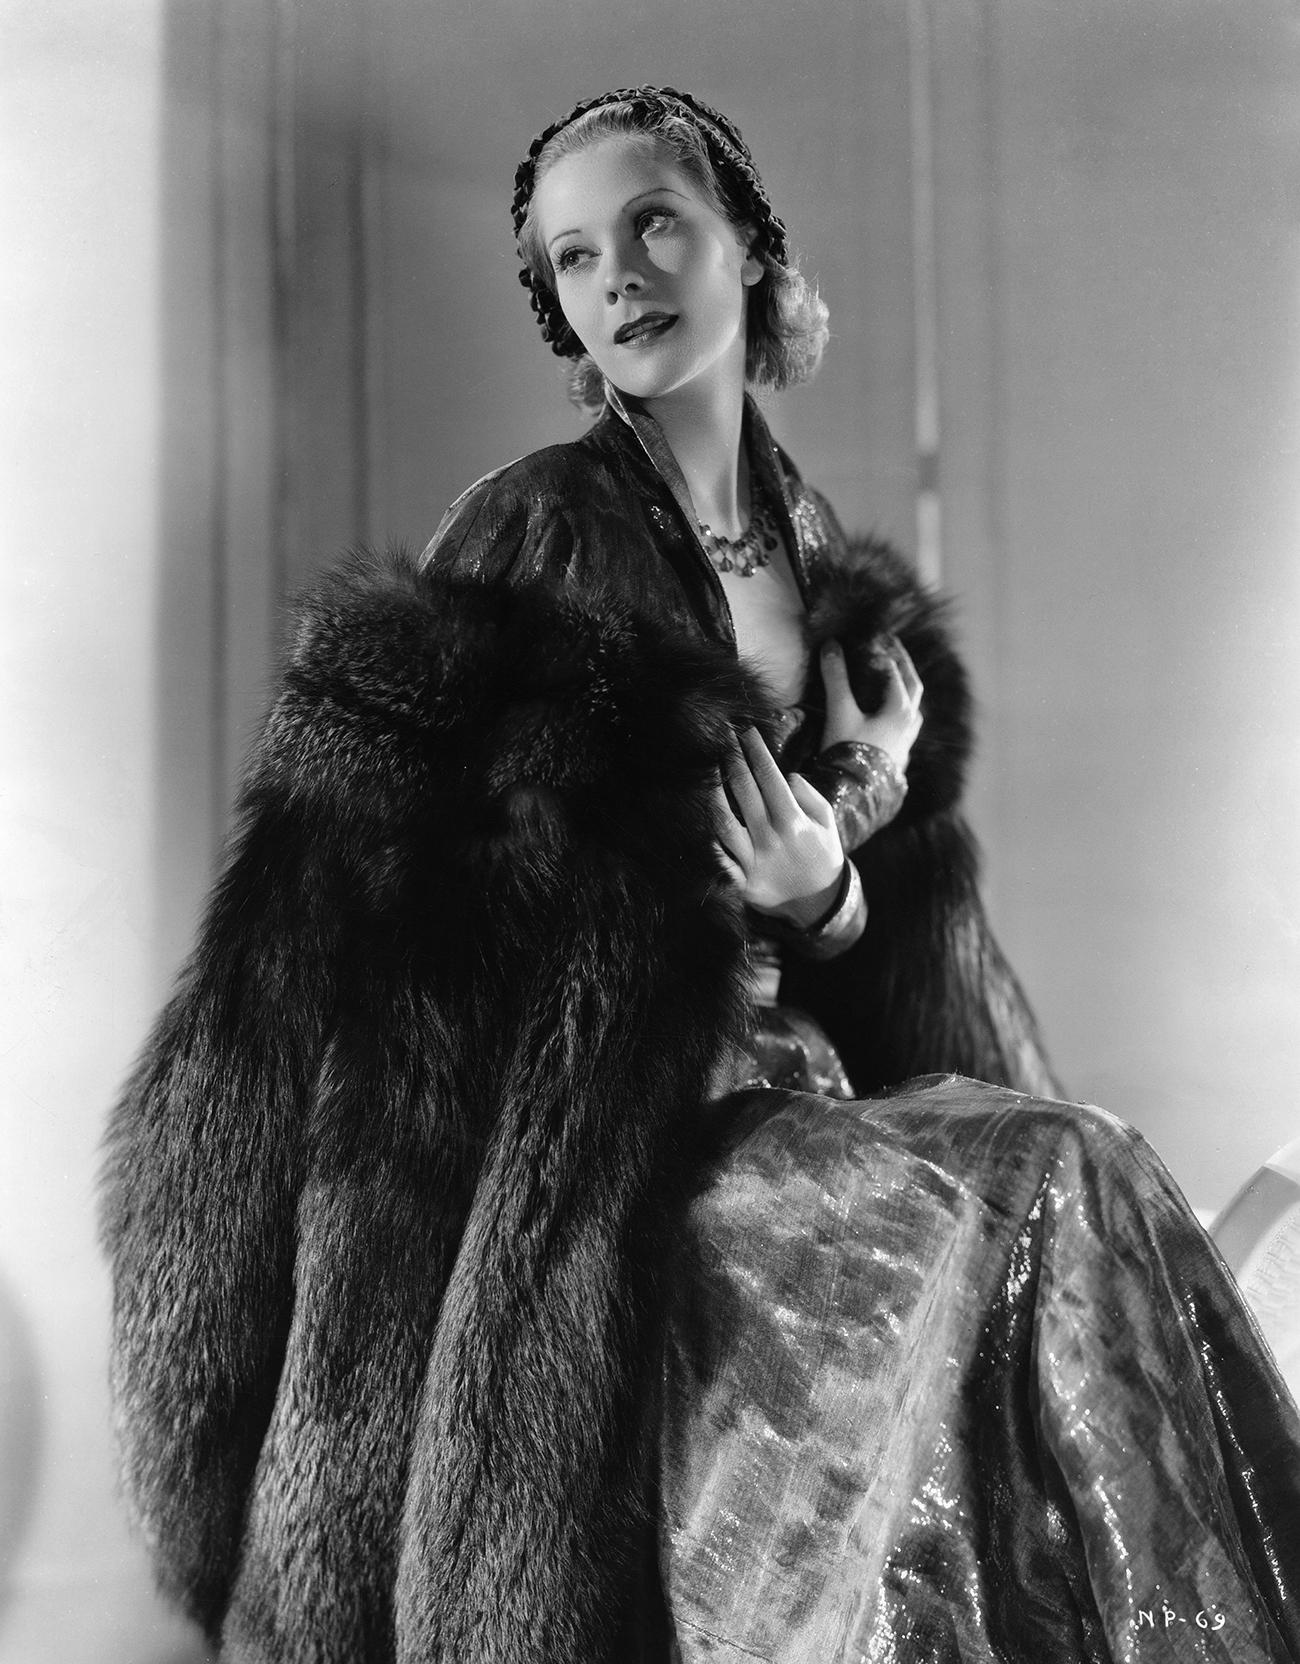 ナタリー・パレ氏、1935年=Ullstein bild/Vostock-Photo